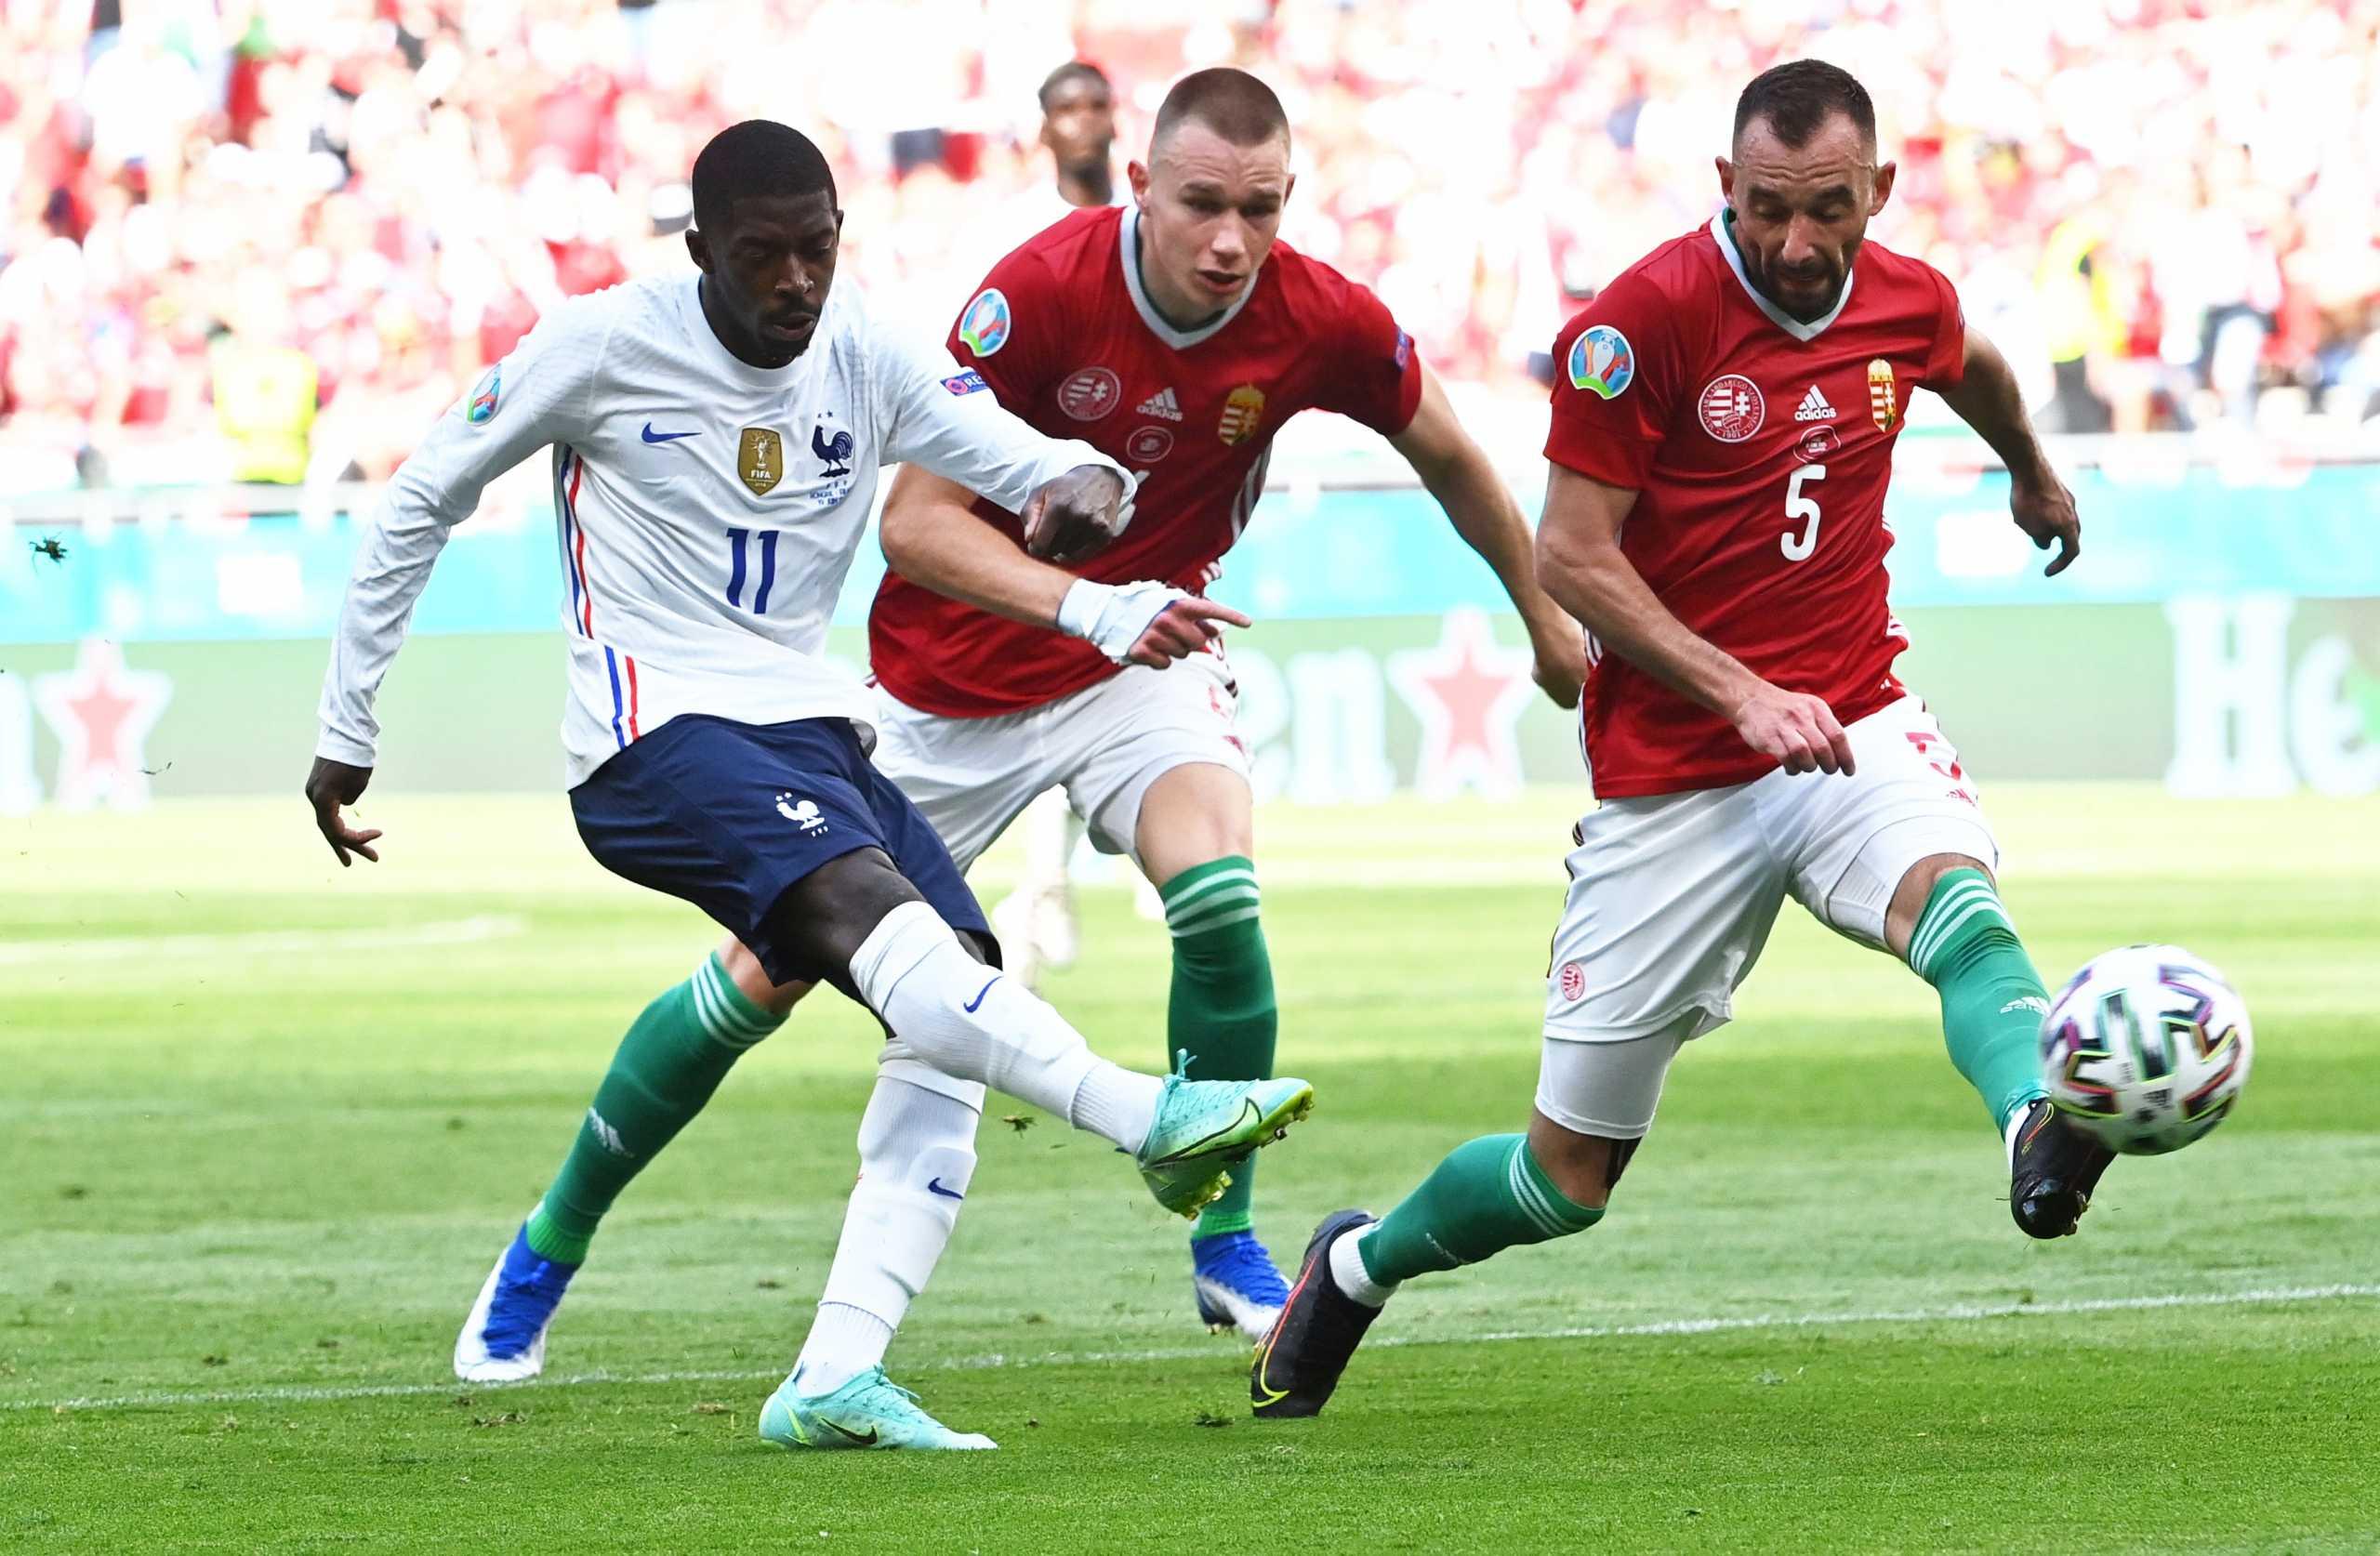 Euro 2020, Ουγγαρία – Γαλλία 1-1 ΤΕΛΙΚΟ